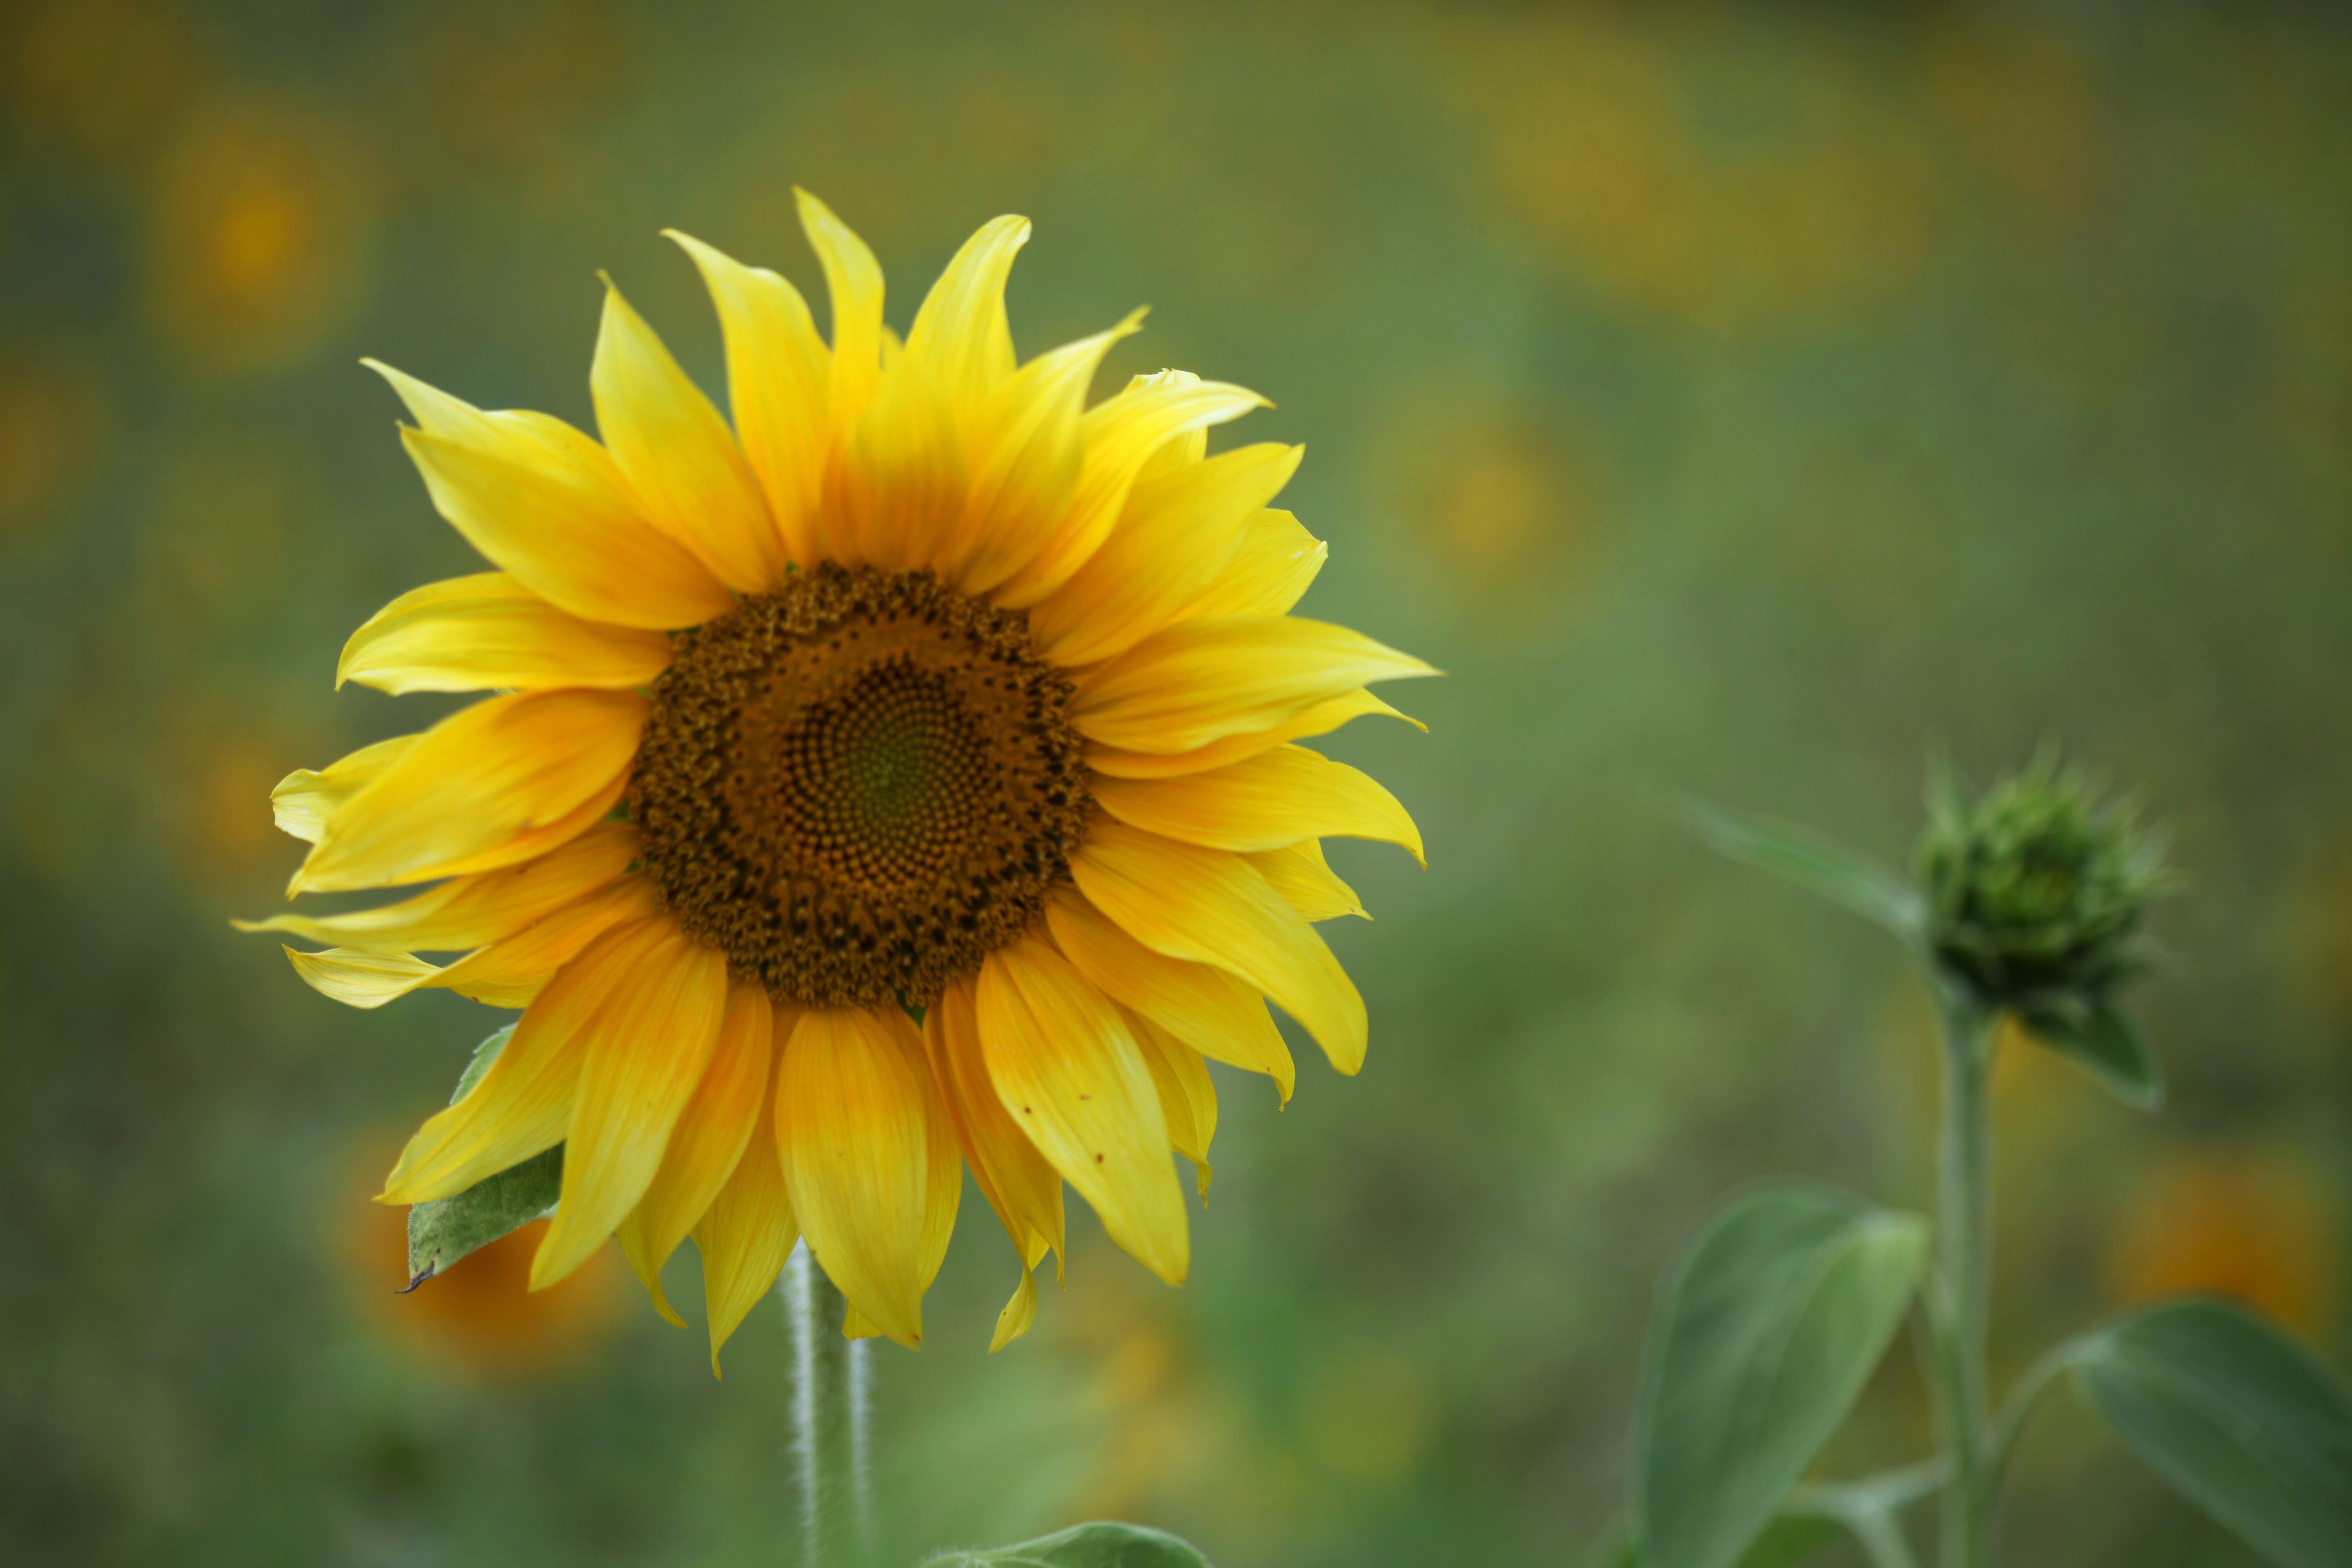 flora, floral, flower